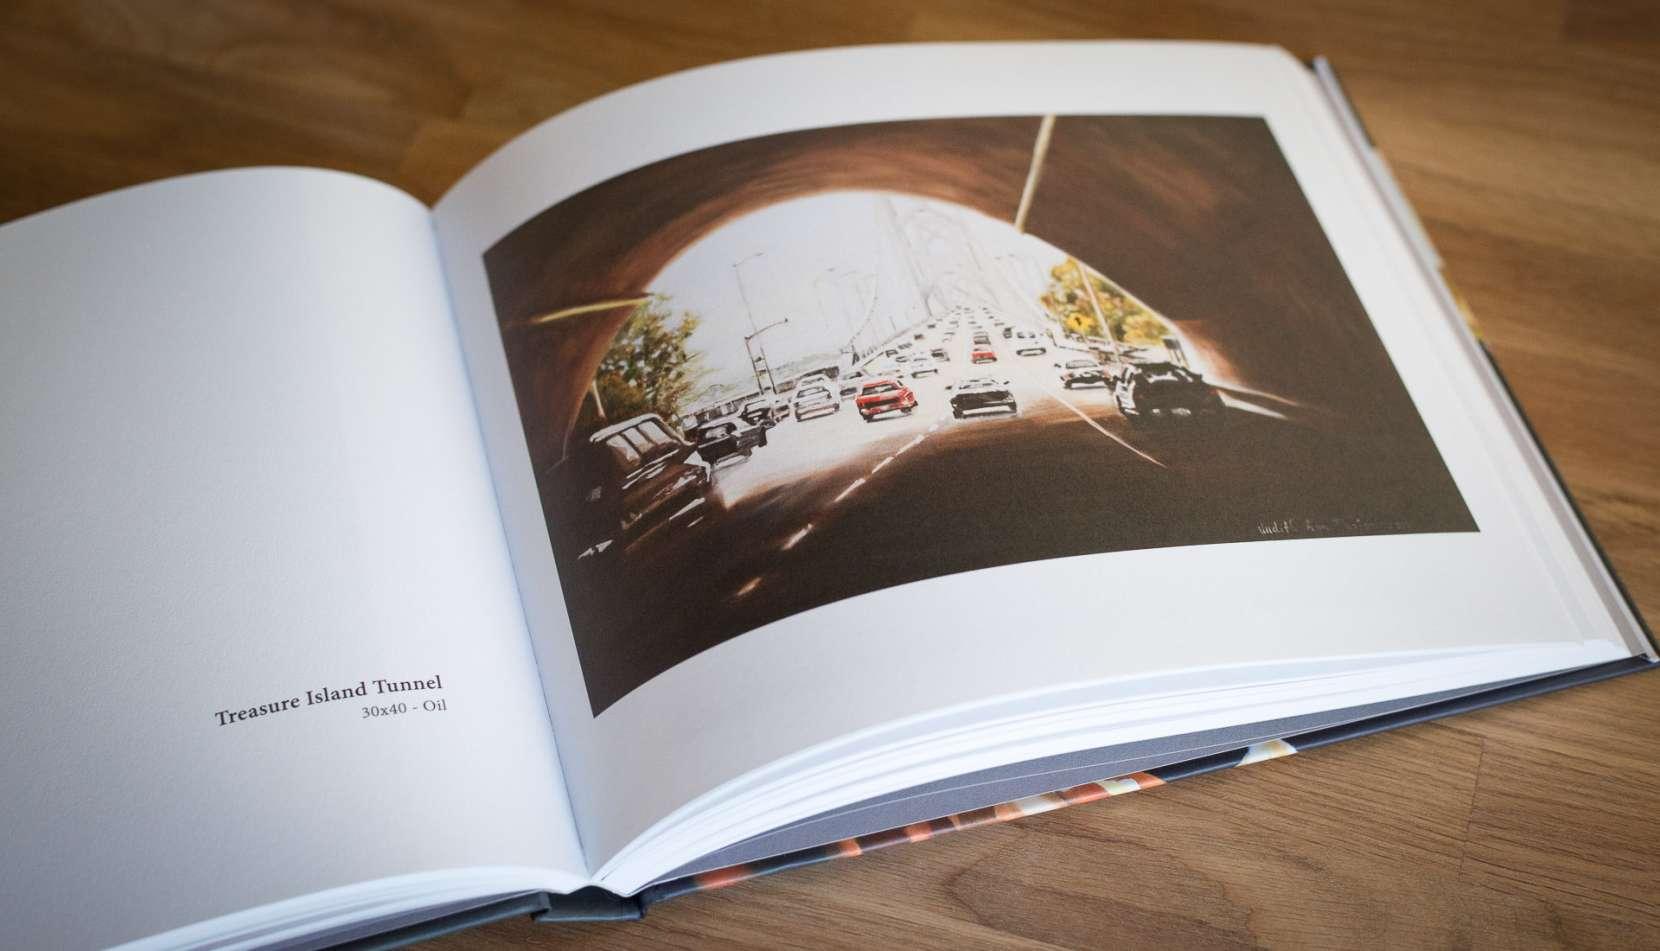 judith-book-6459-1660x951.jpg